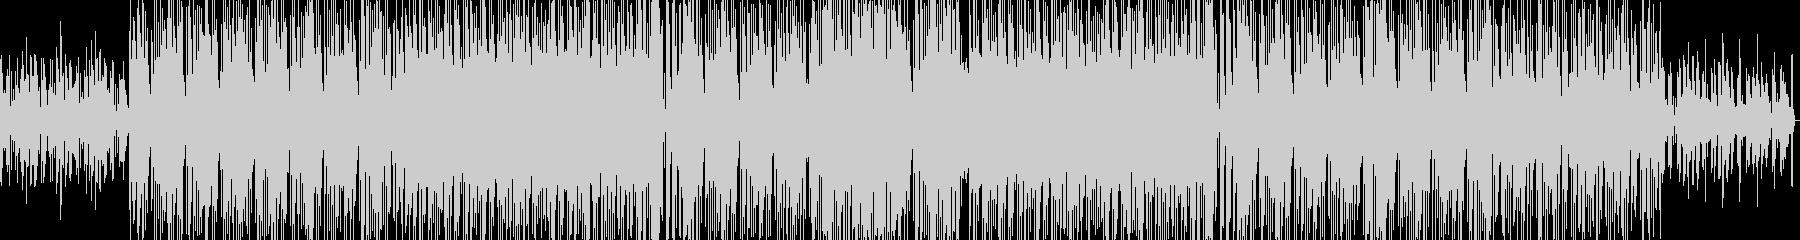 ヒップホップ・ファンキーソウルの未再生の波形